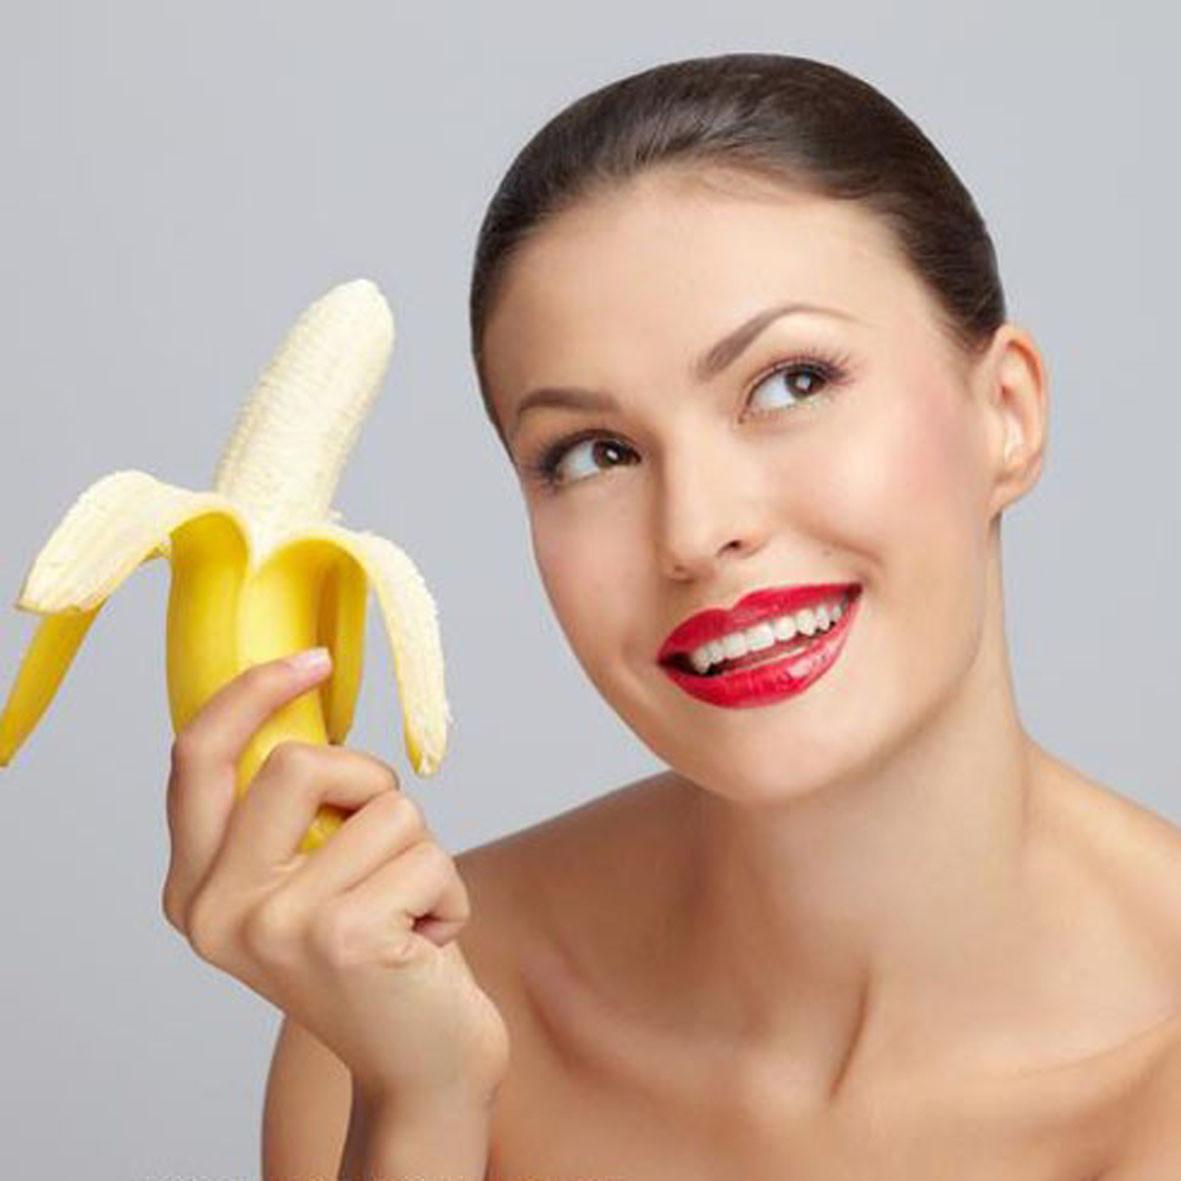 Женщины, любящие оральный секс, счастливее